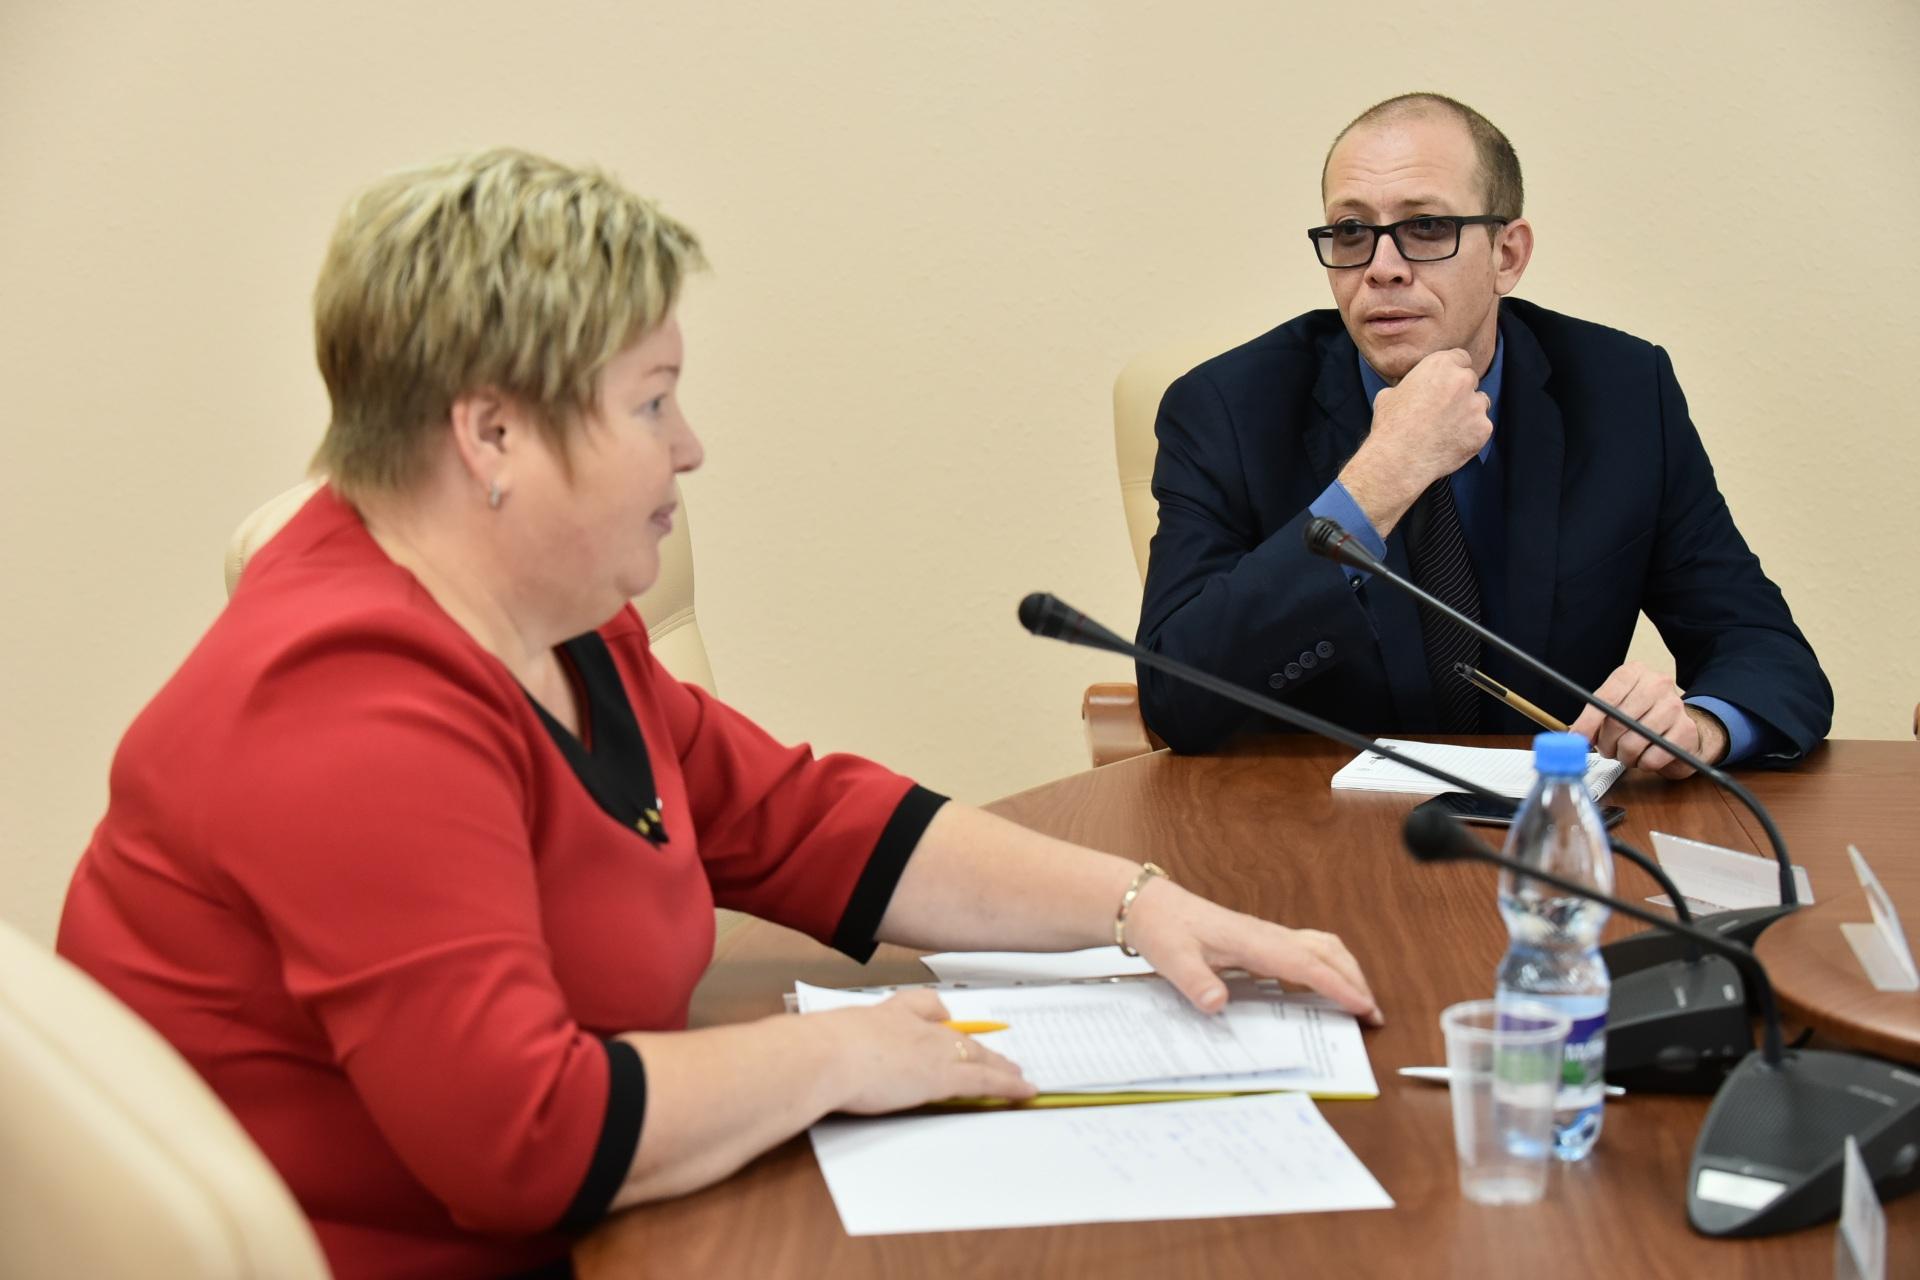 Служба стройжилтехнадзора Коми подала 12 исков в защиту интересов жильцов